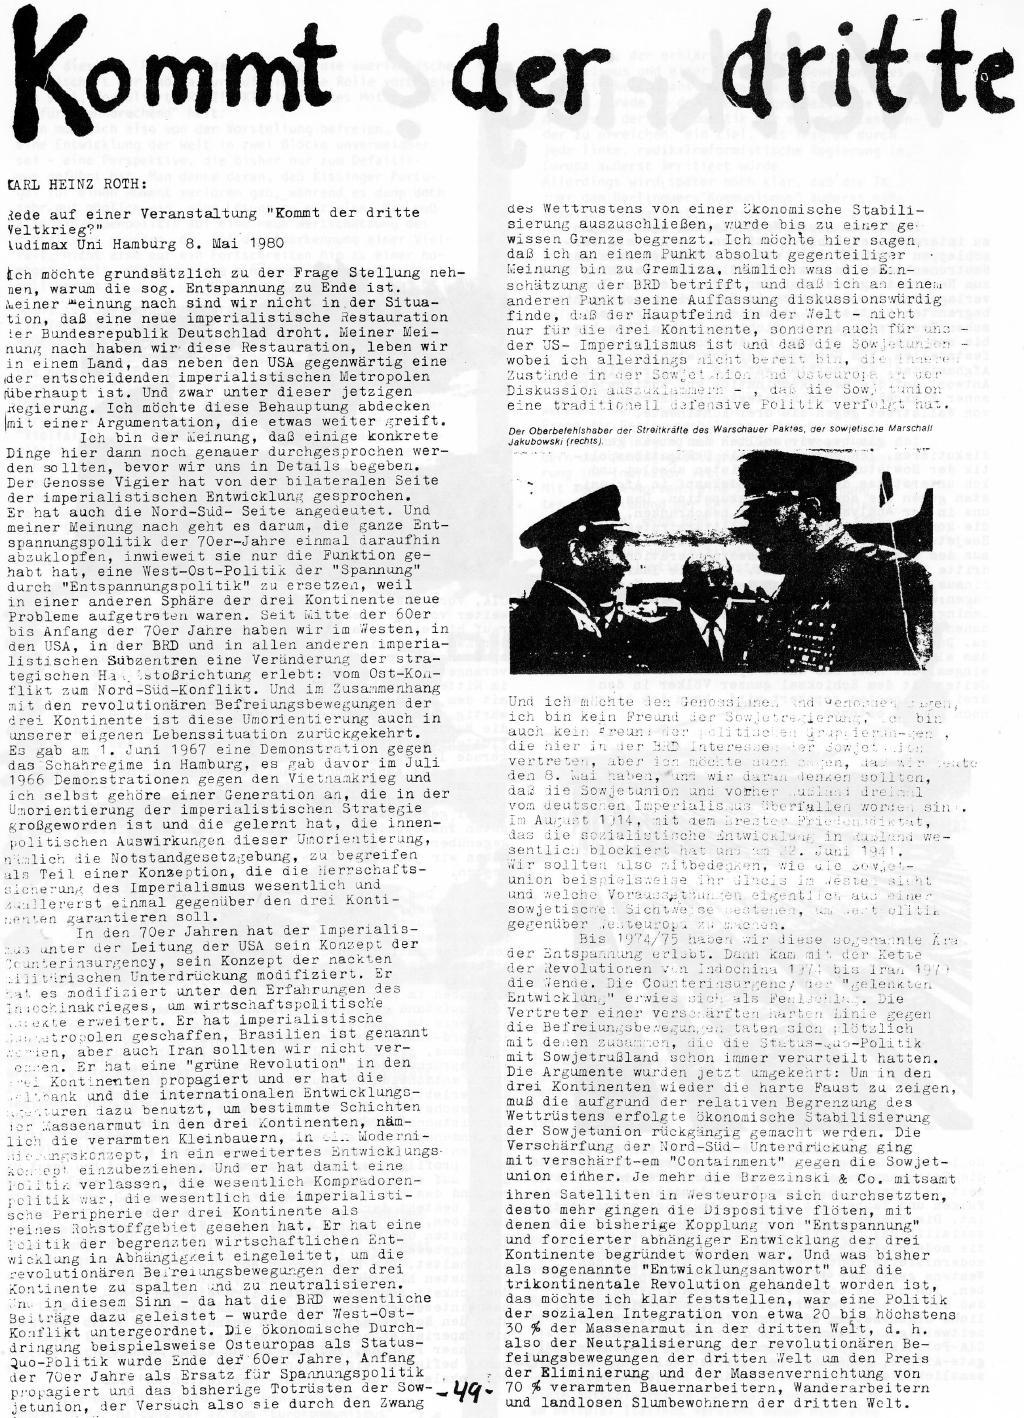 Bremen_1980_NATO_Broschuere_49